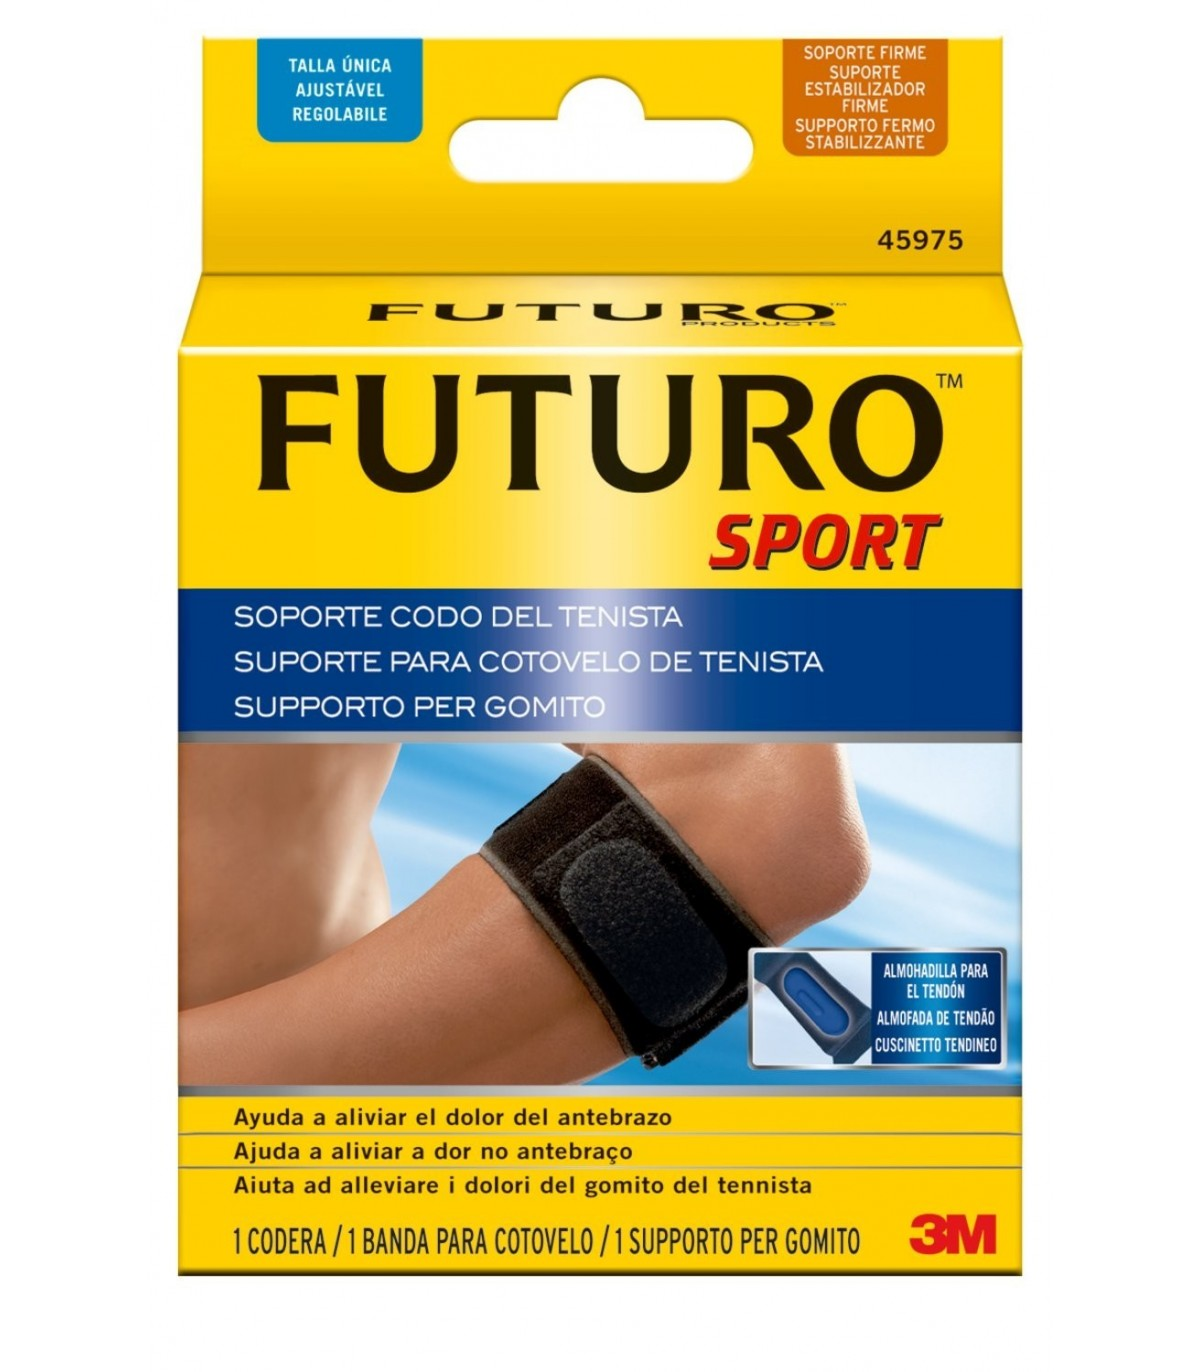 3M FUTURO SOPORTE CODO TENISTA